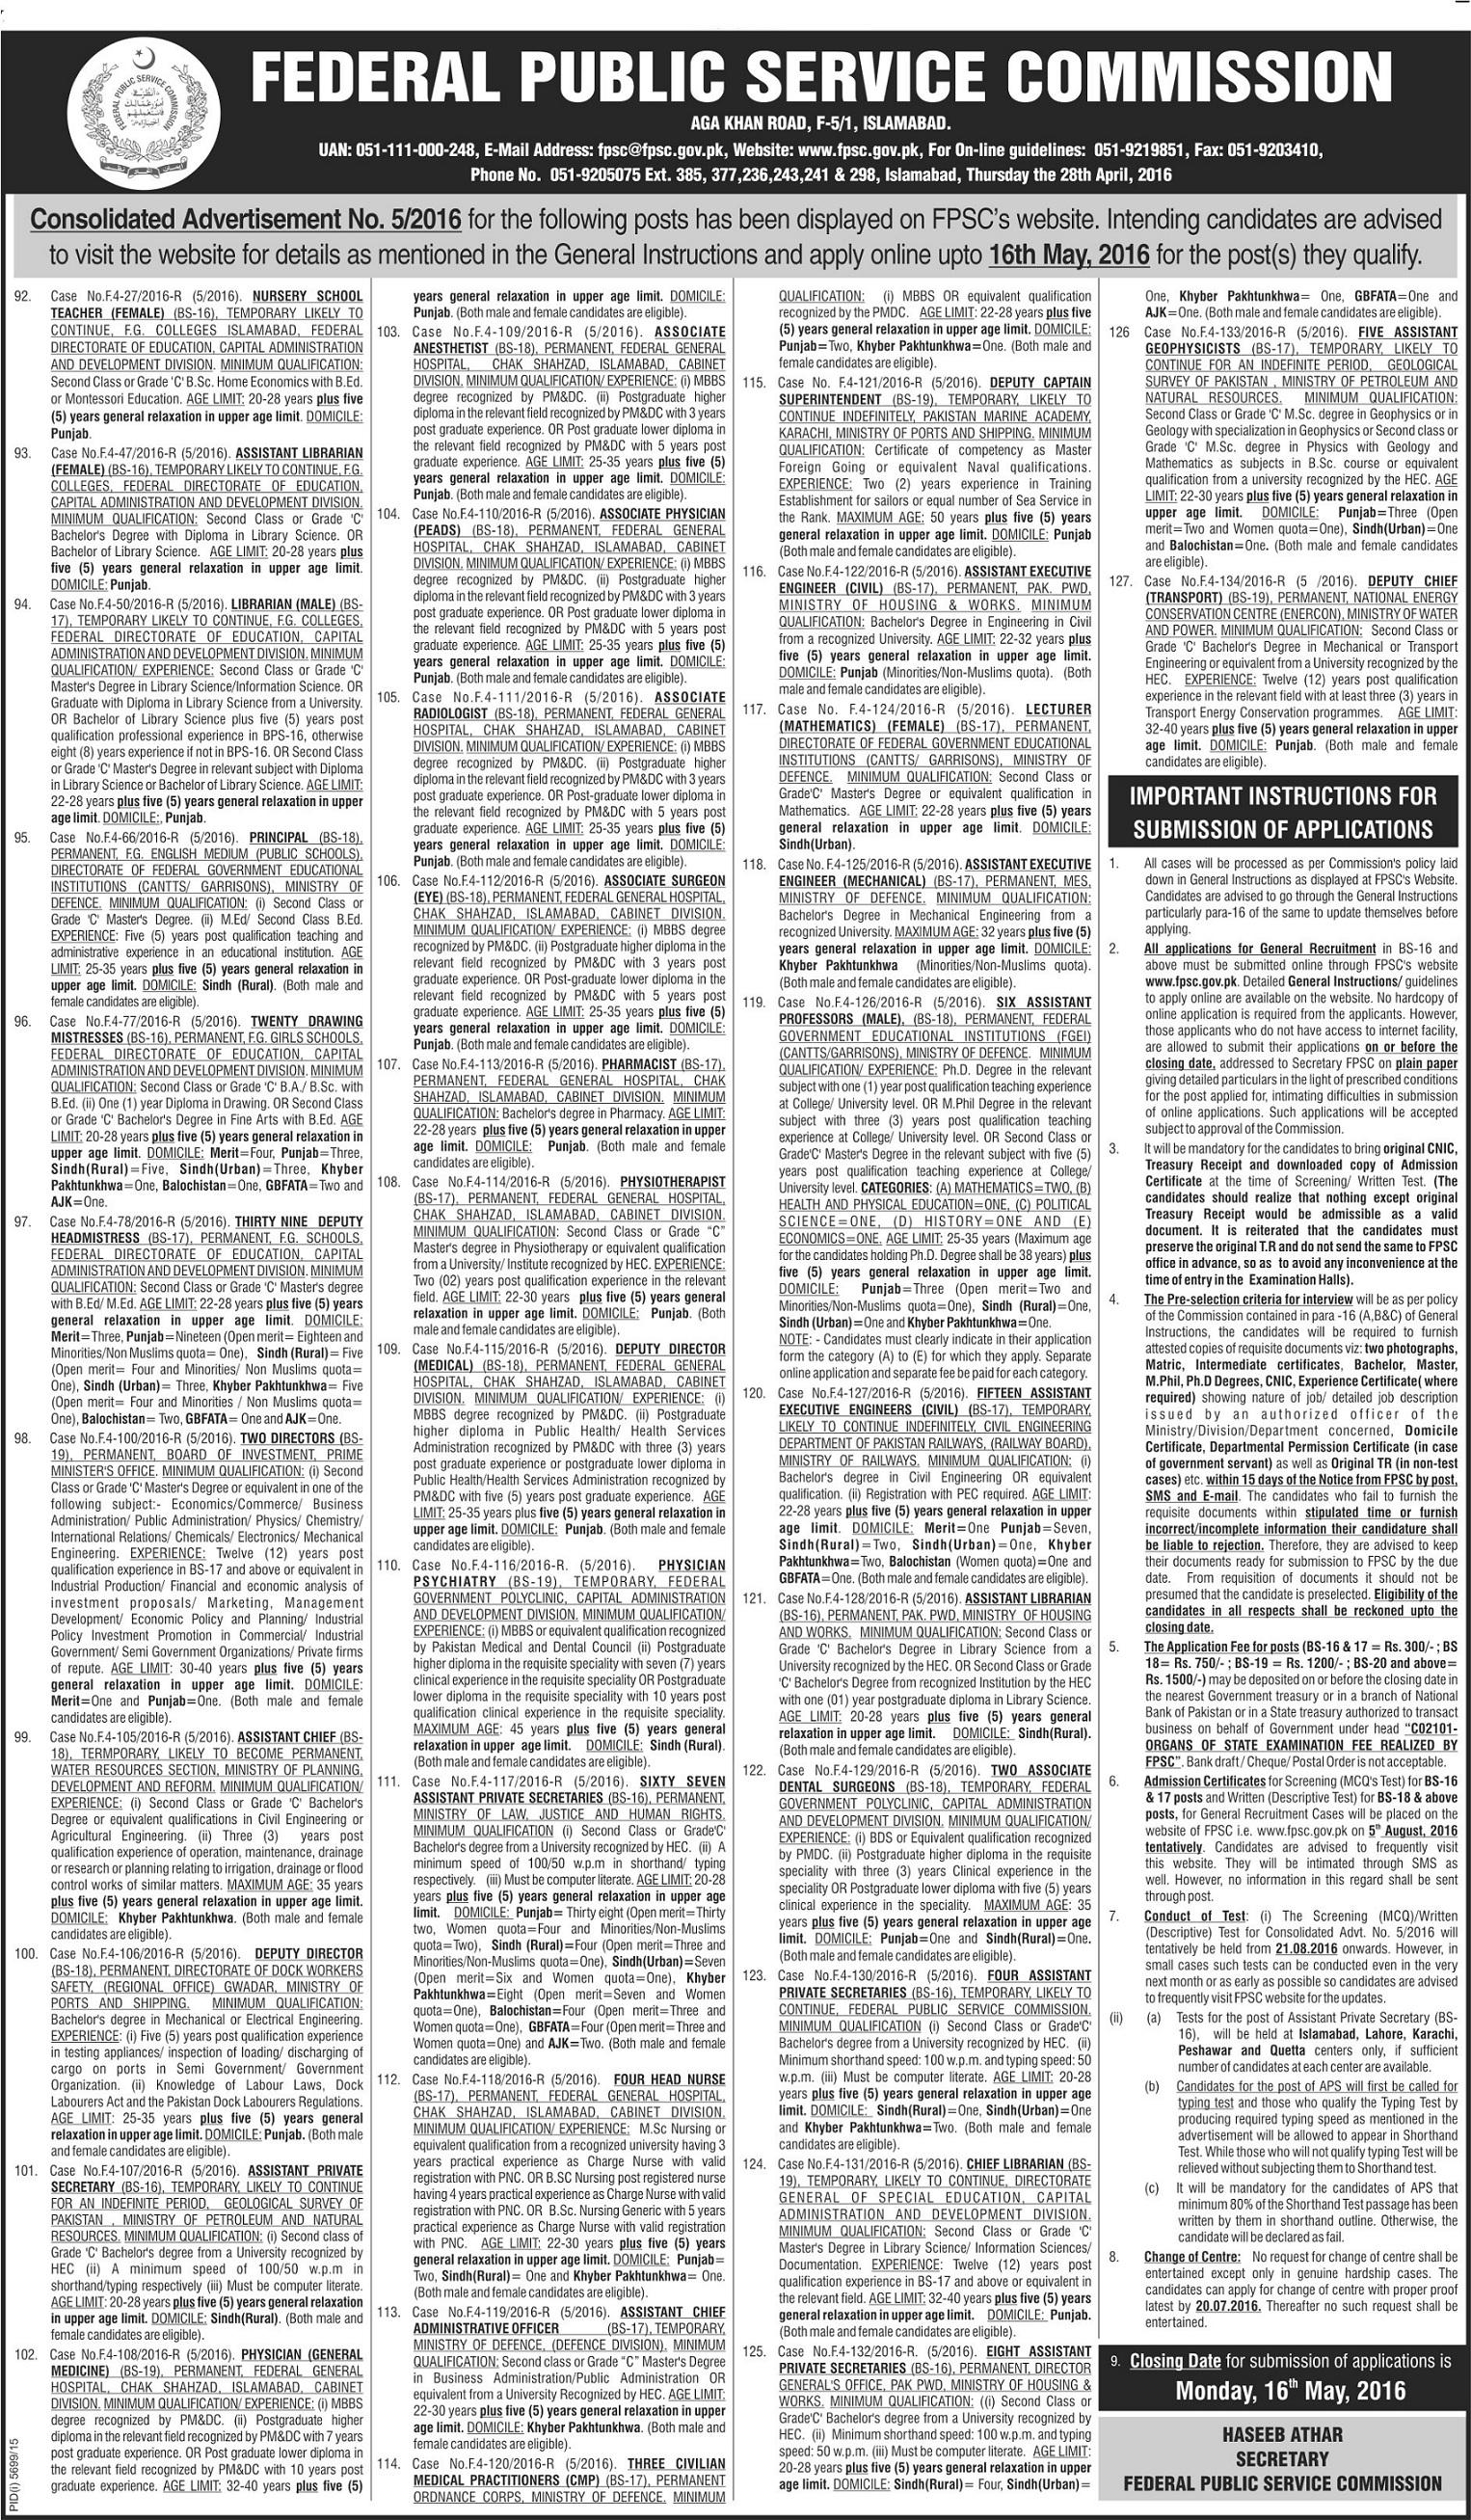 Federal Public Service Commission Adv 5-2016